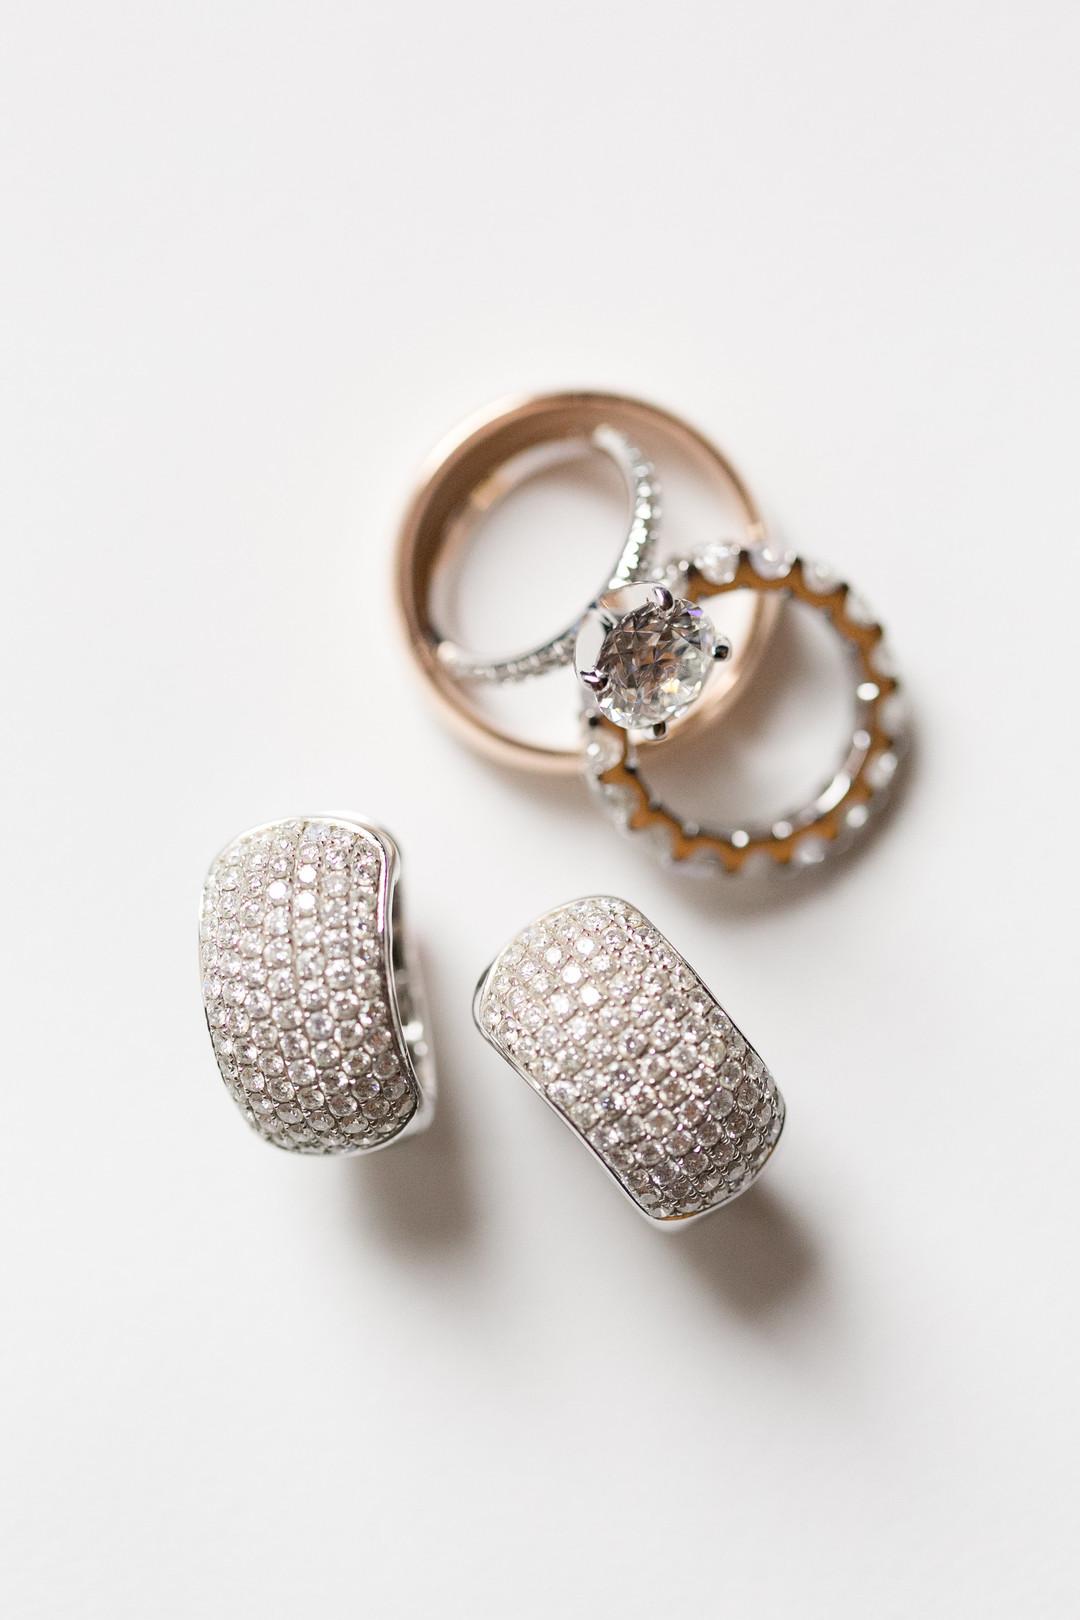 Elegant Wedding Bands and Jewelry Chicago Wedding Emilia Jane Photography